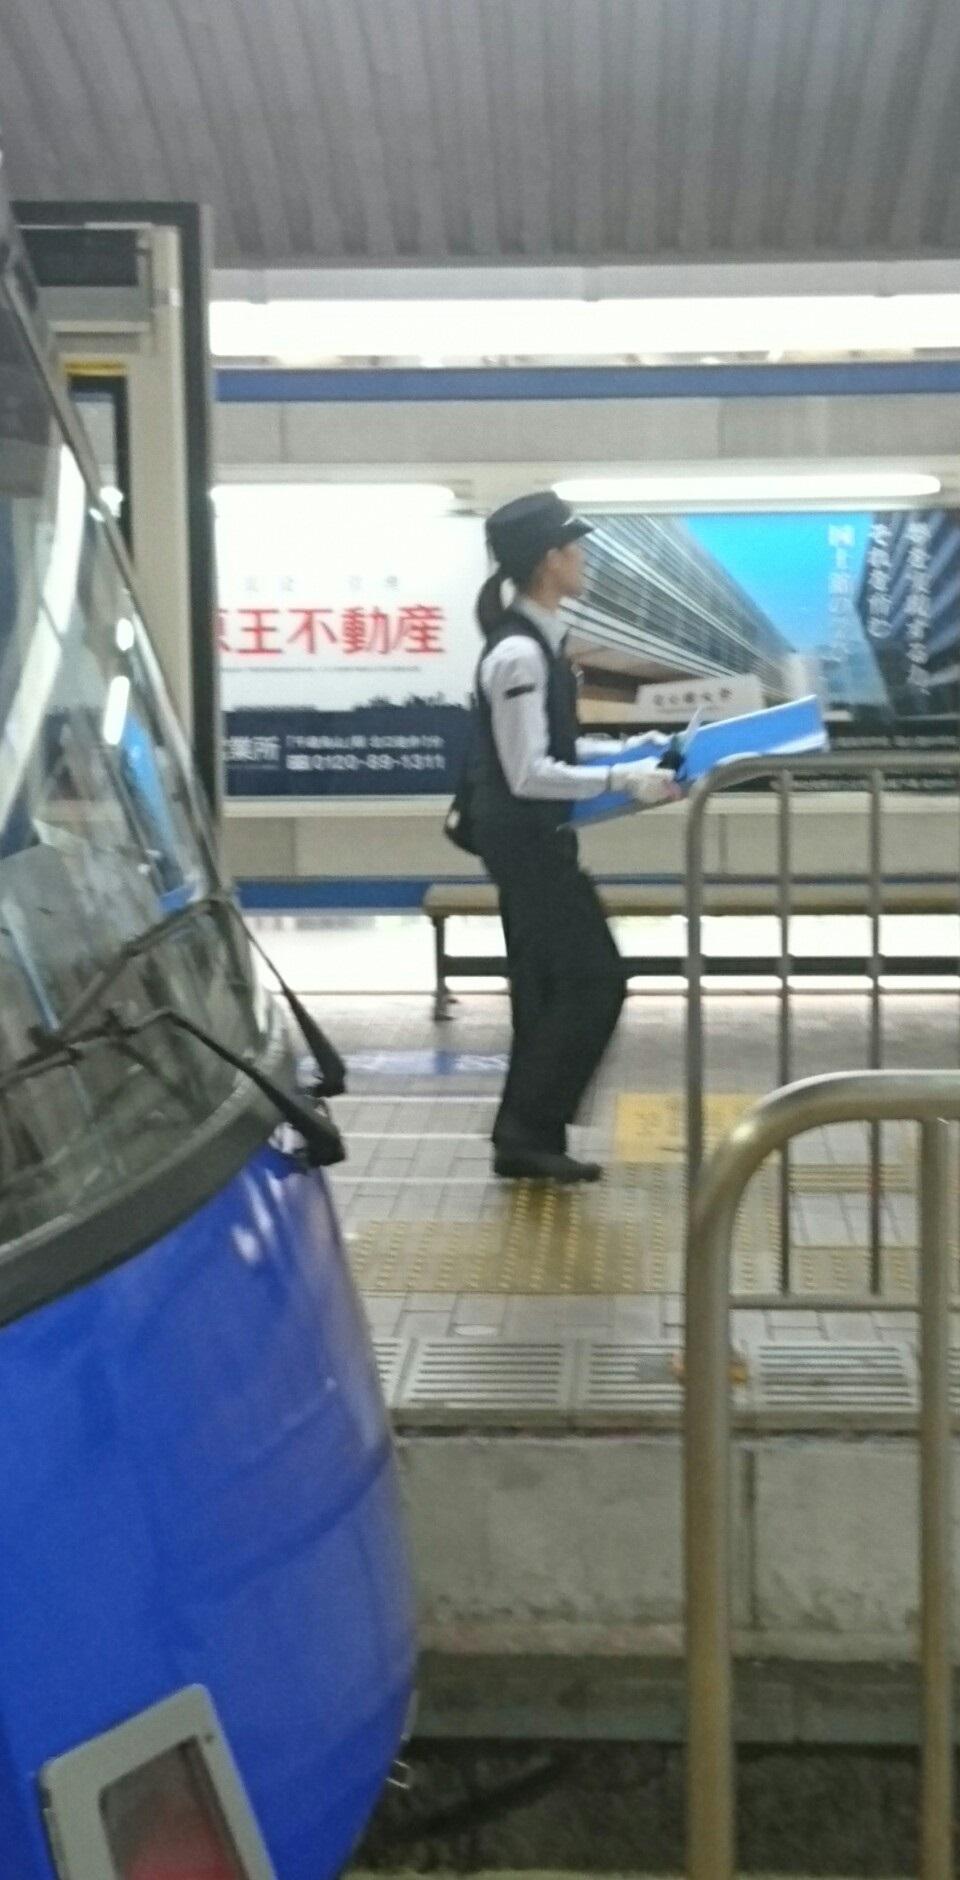 2017.10.12 東京 (136) 下高井戸 - 三軒茶屋いきふつう 960-1880